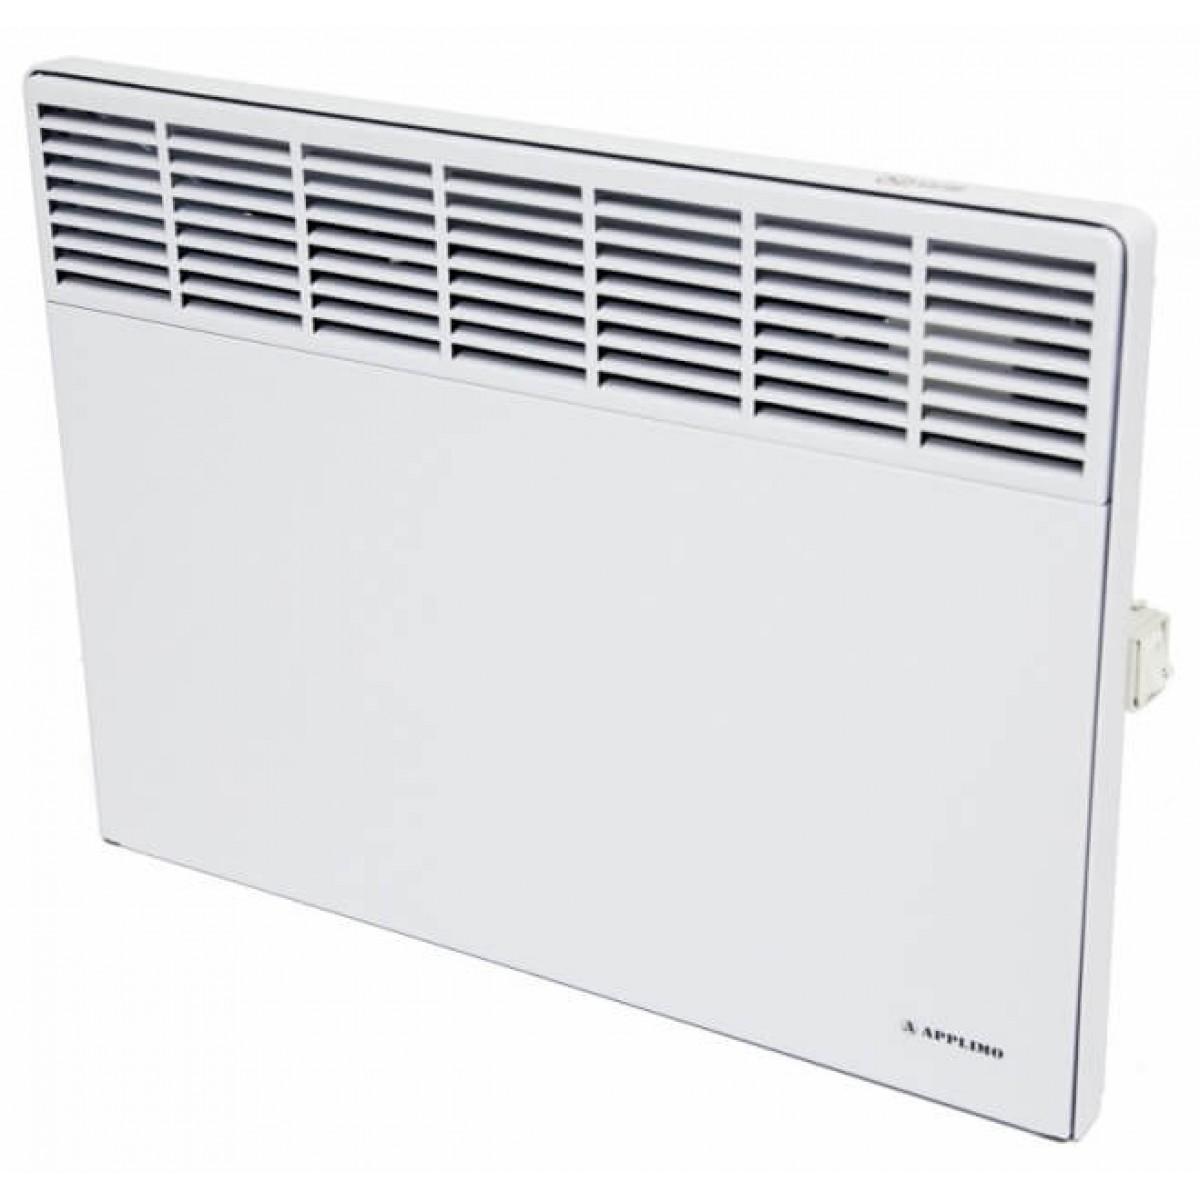 SOLO - Конвектори от Ел отопление